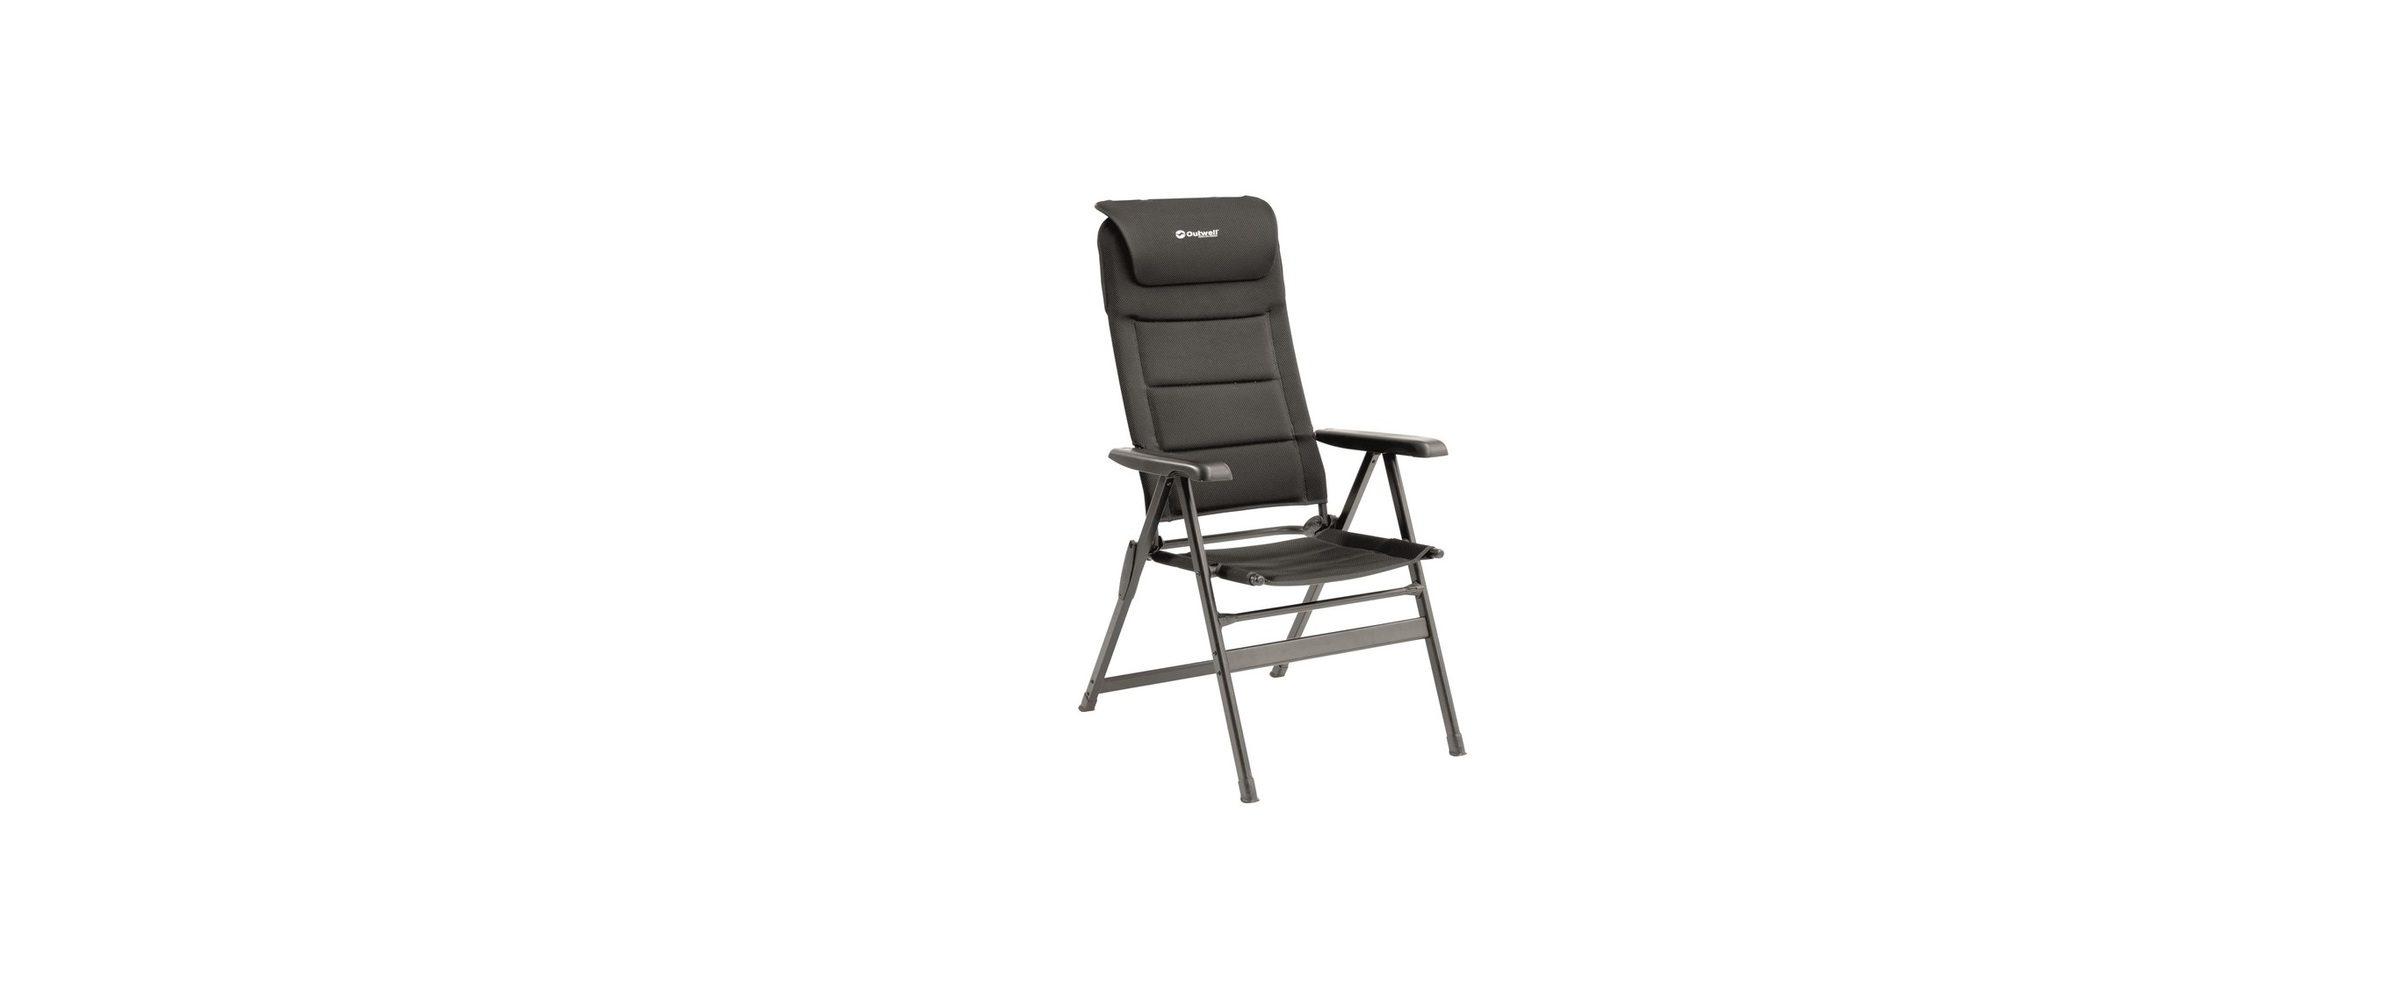 Outwell Teton Chair